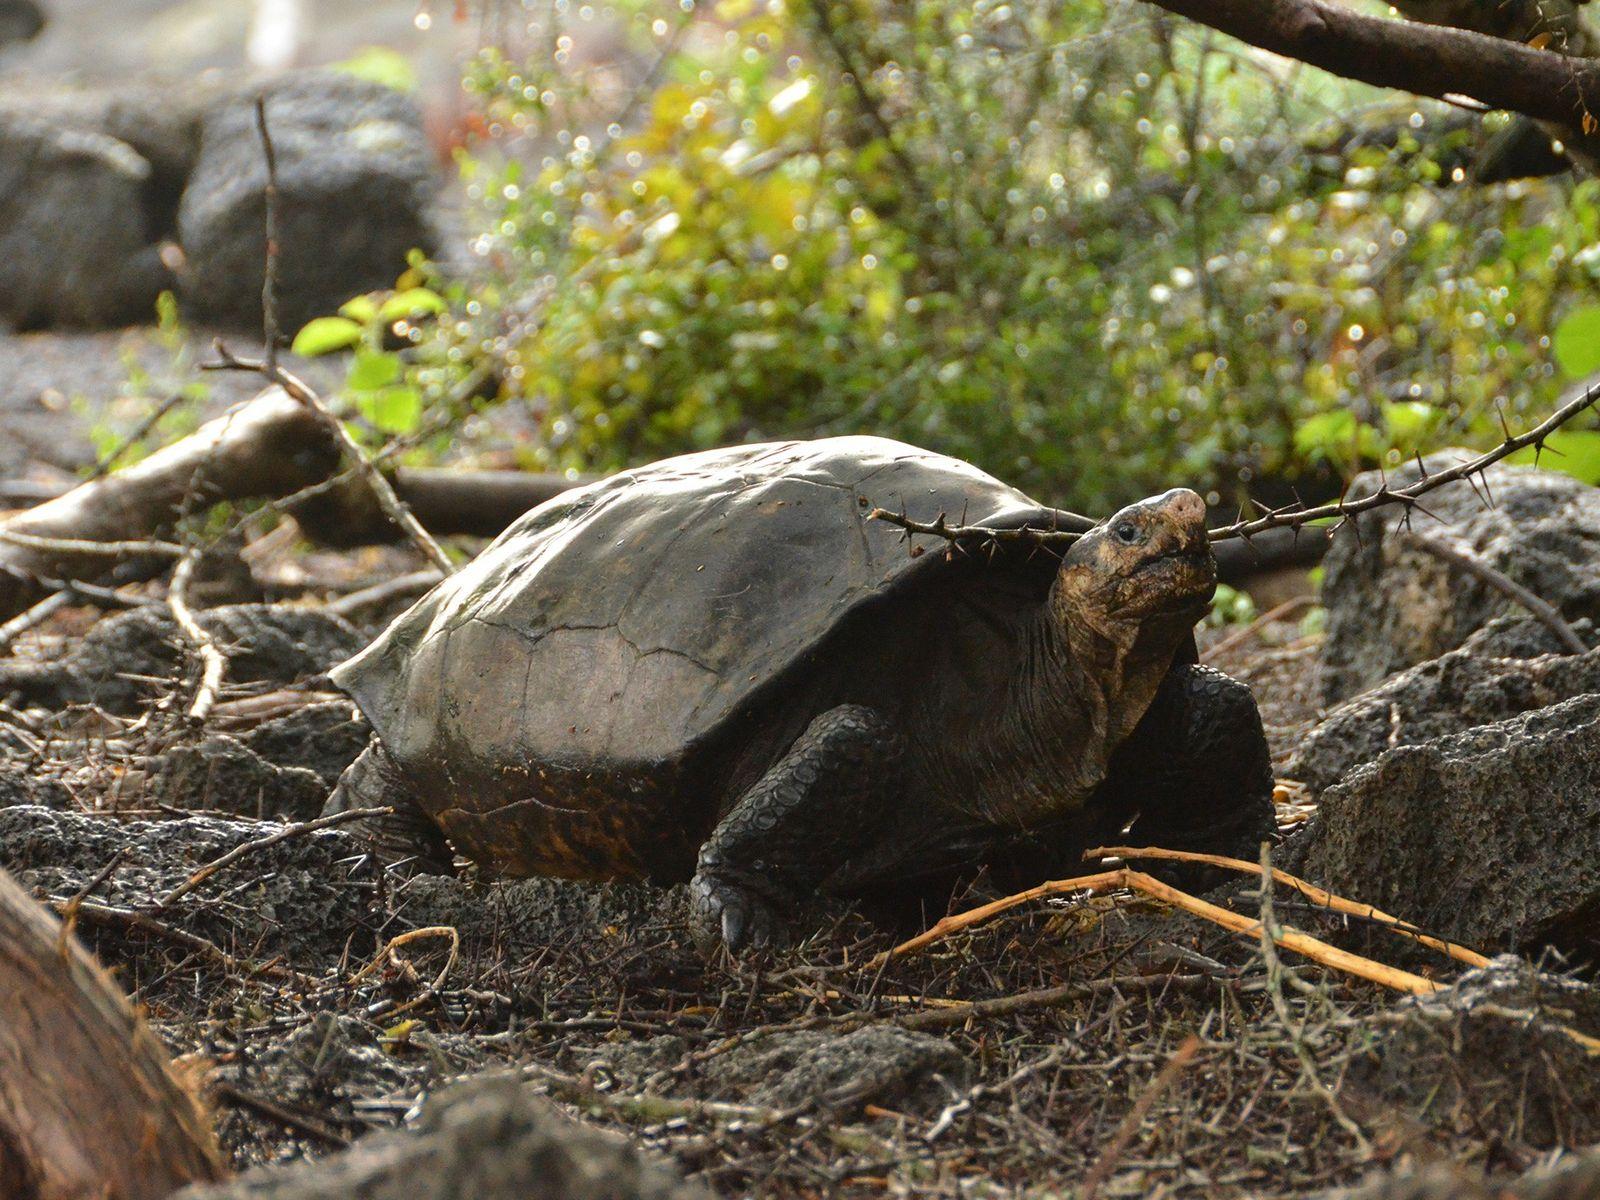 Die letzte bestätigte Sichtung einer lebenden Fernandinha-Riesenschildkröte erfolgte 1906.